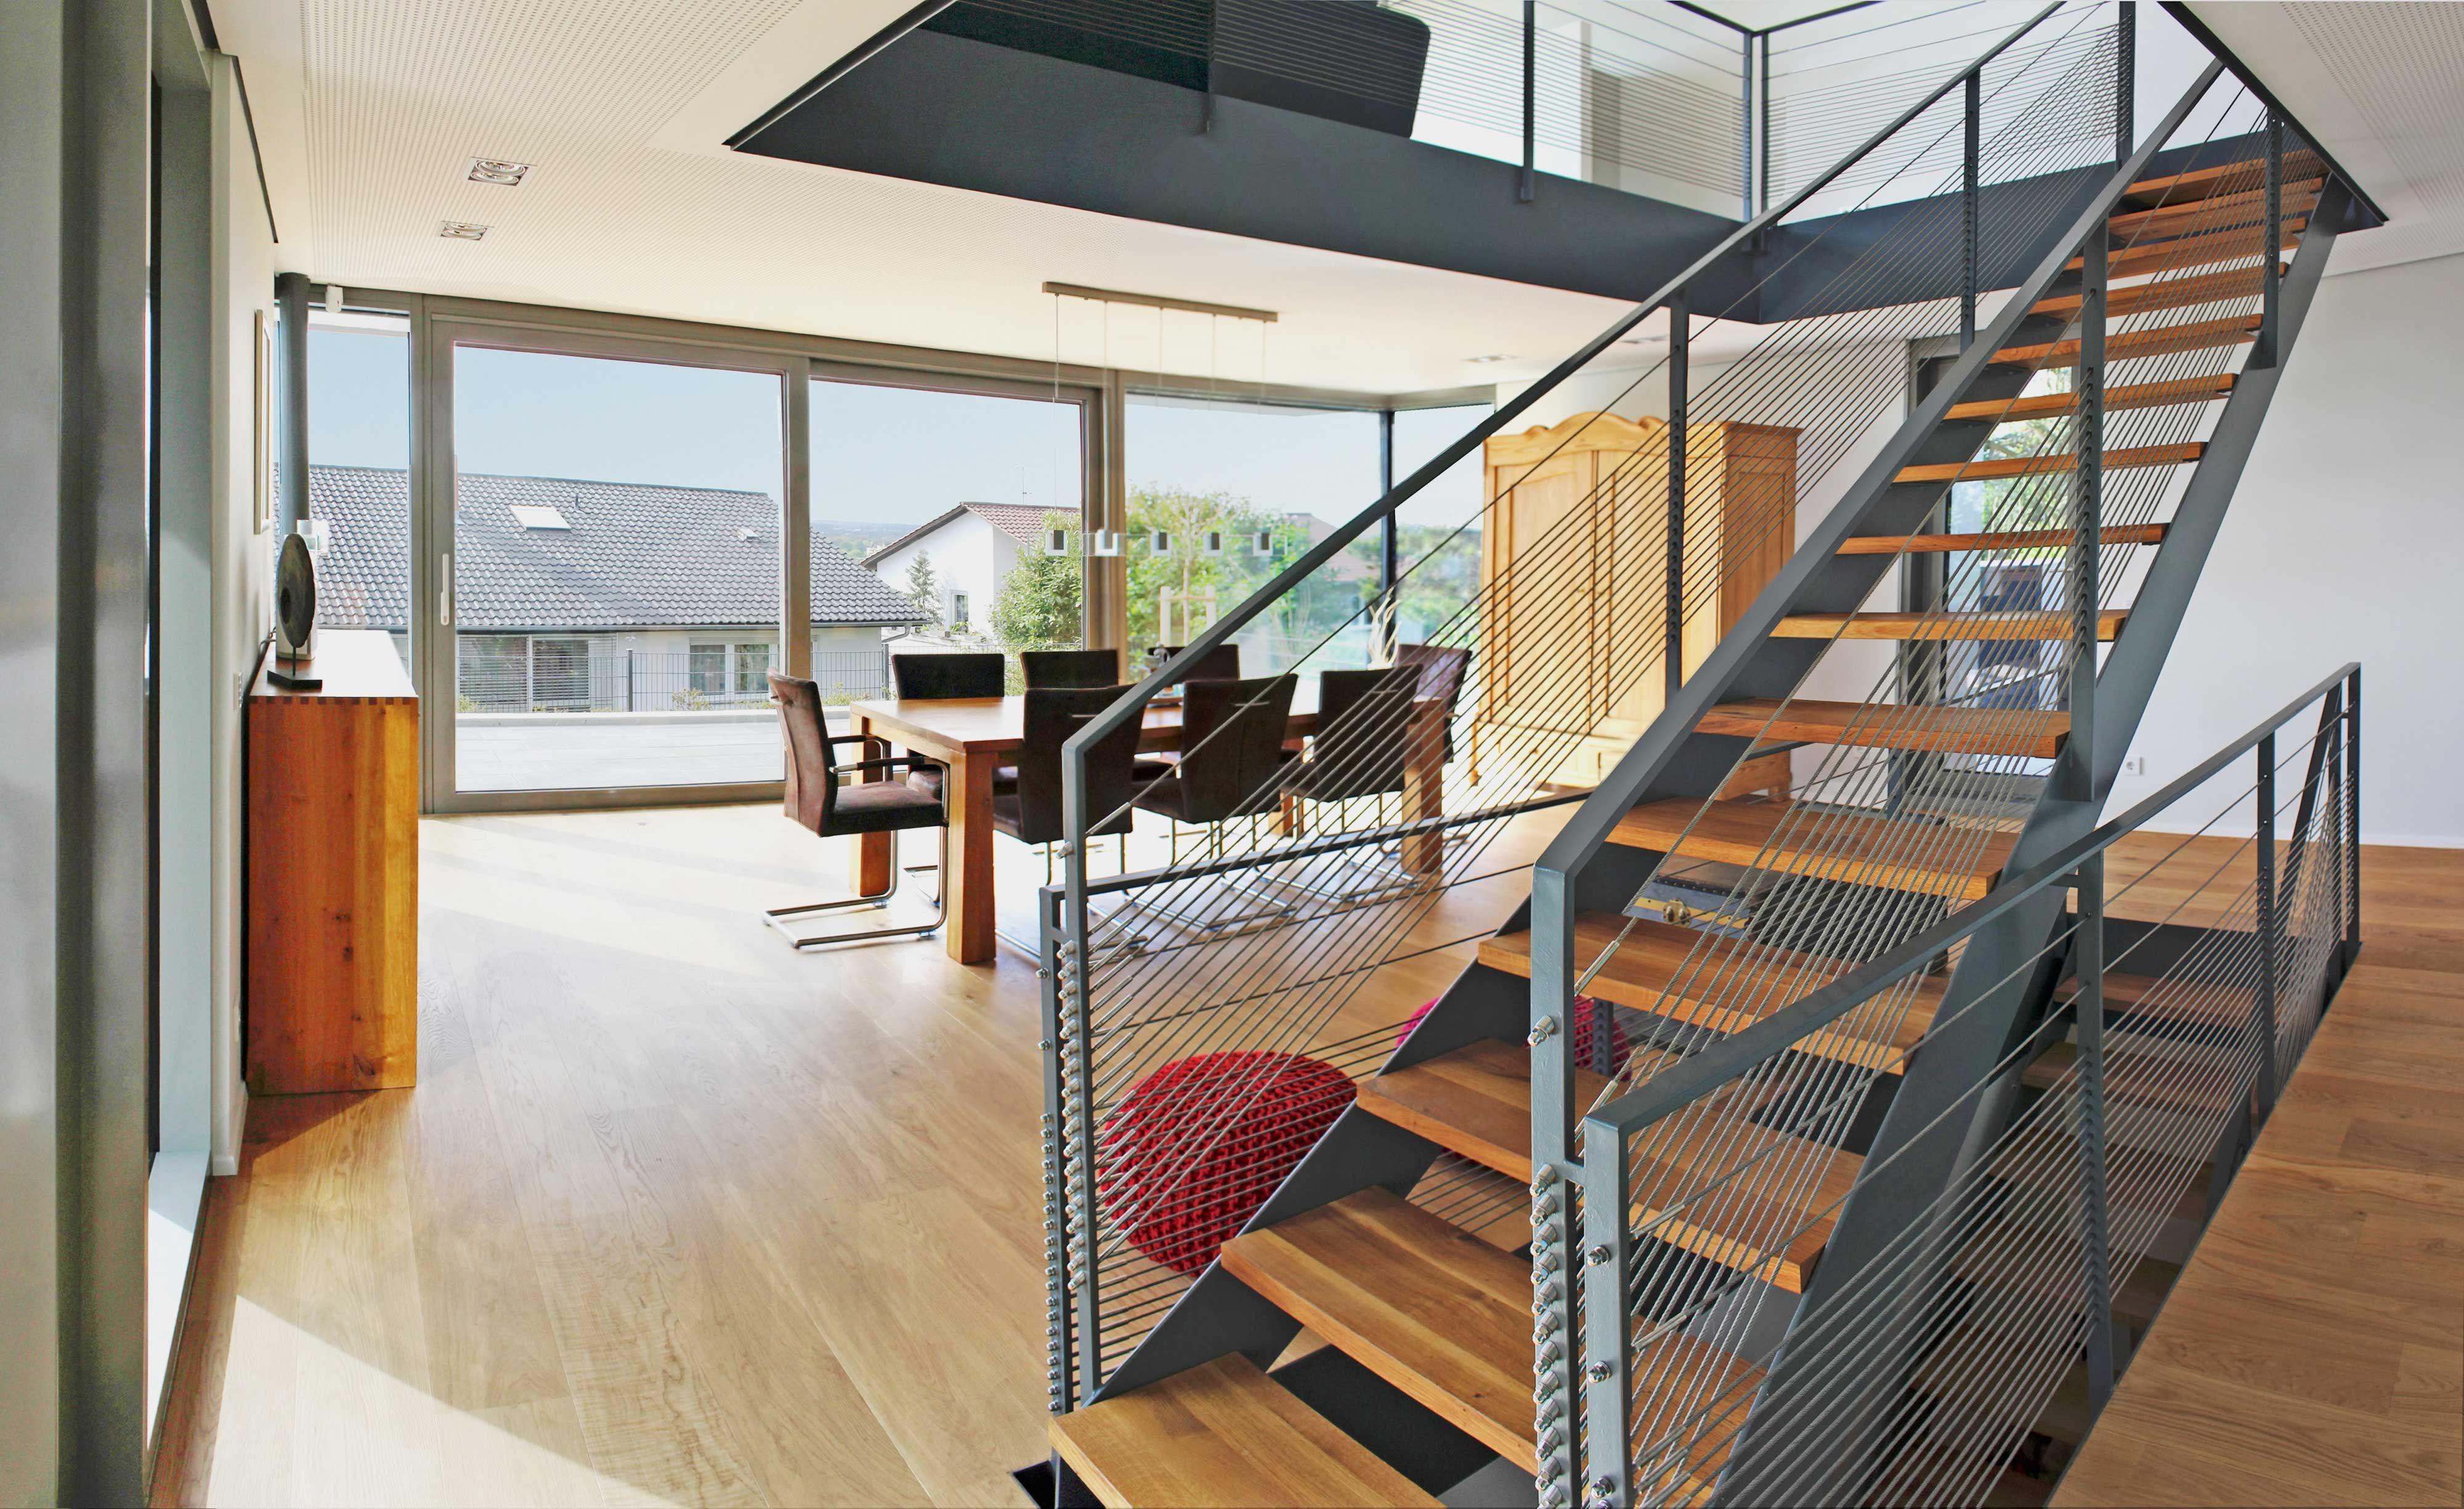 Weber Und Partner verbindung esszimmer wohngallerie stahltreppe einfamilienhaus